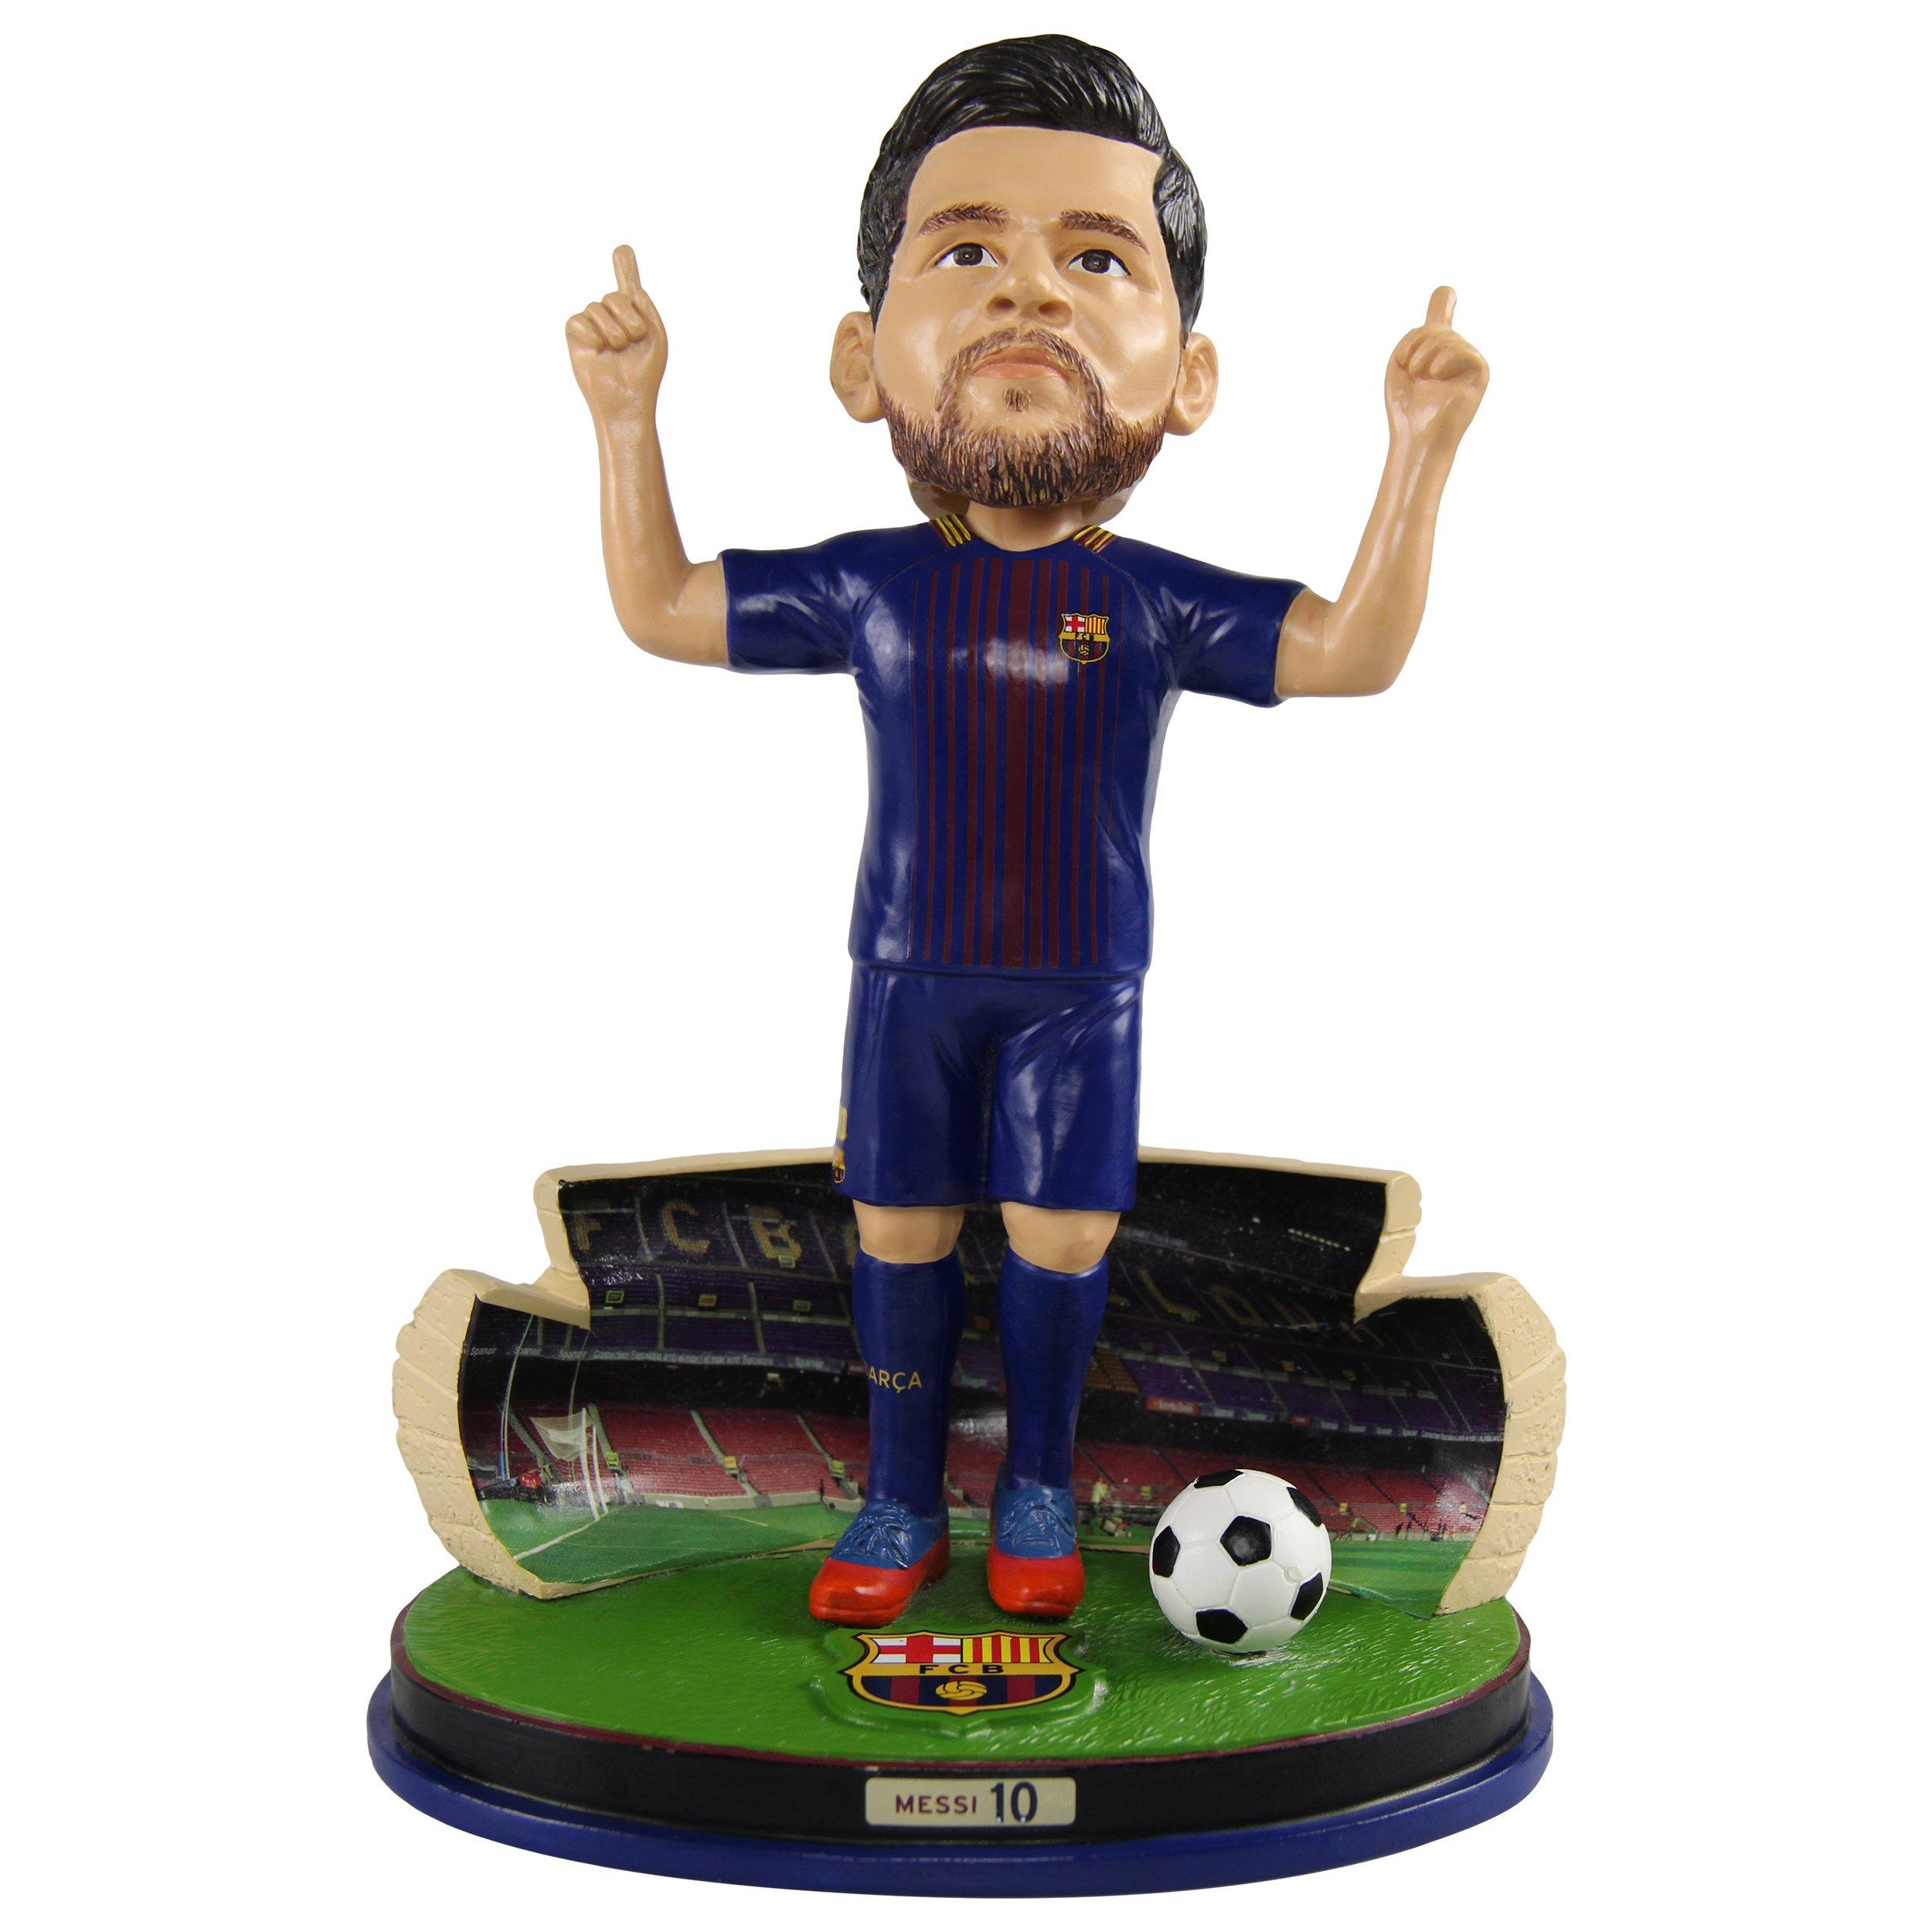 """Lionel Messi joueur de foot Action figure 12/"""" Fan Favorites Barca Barcelone pose"""